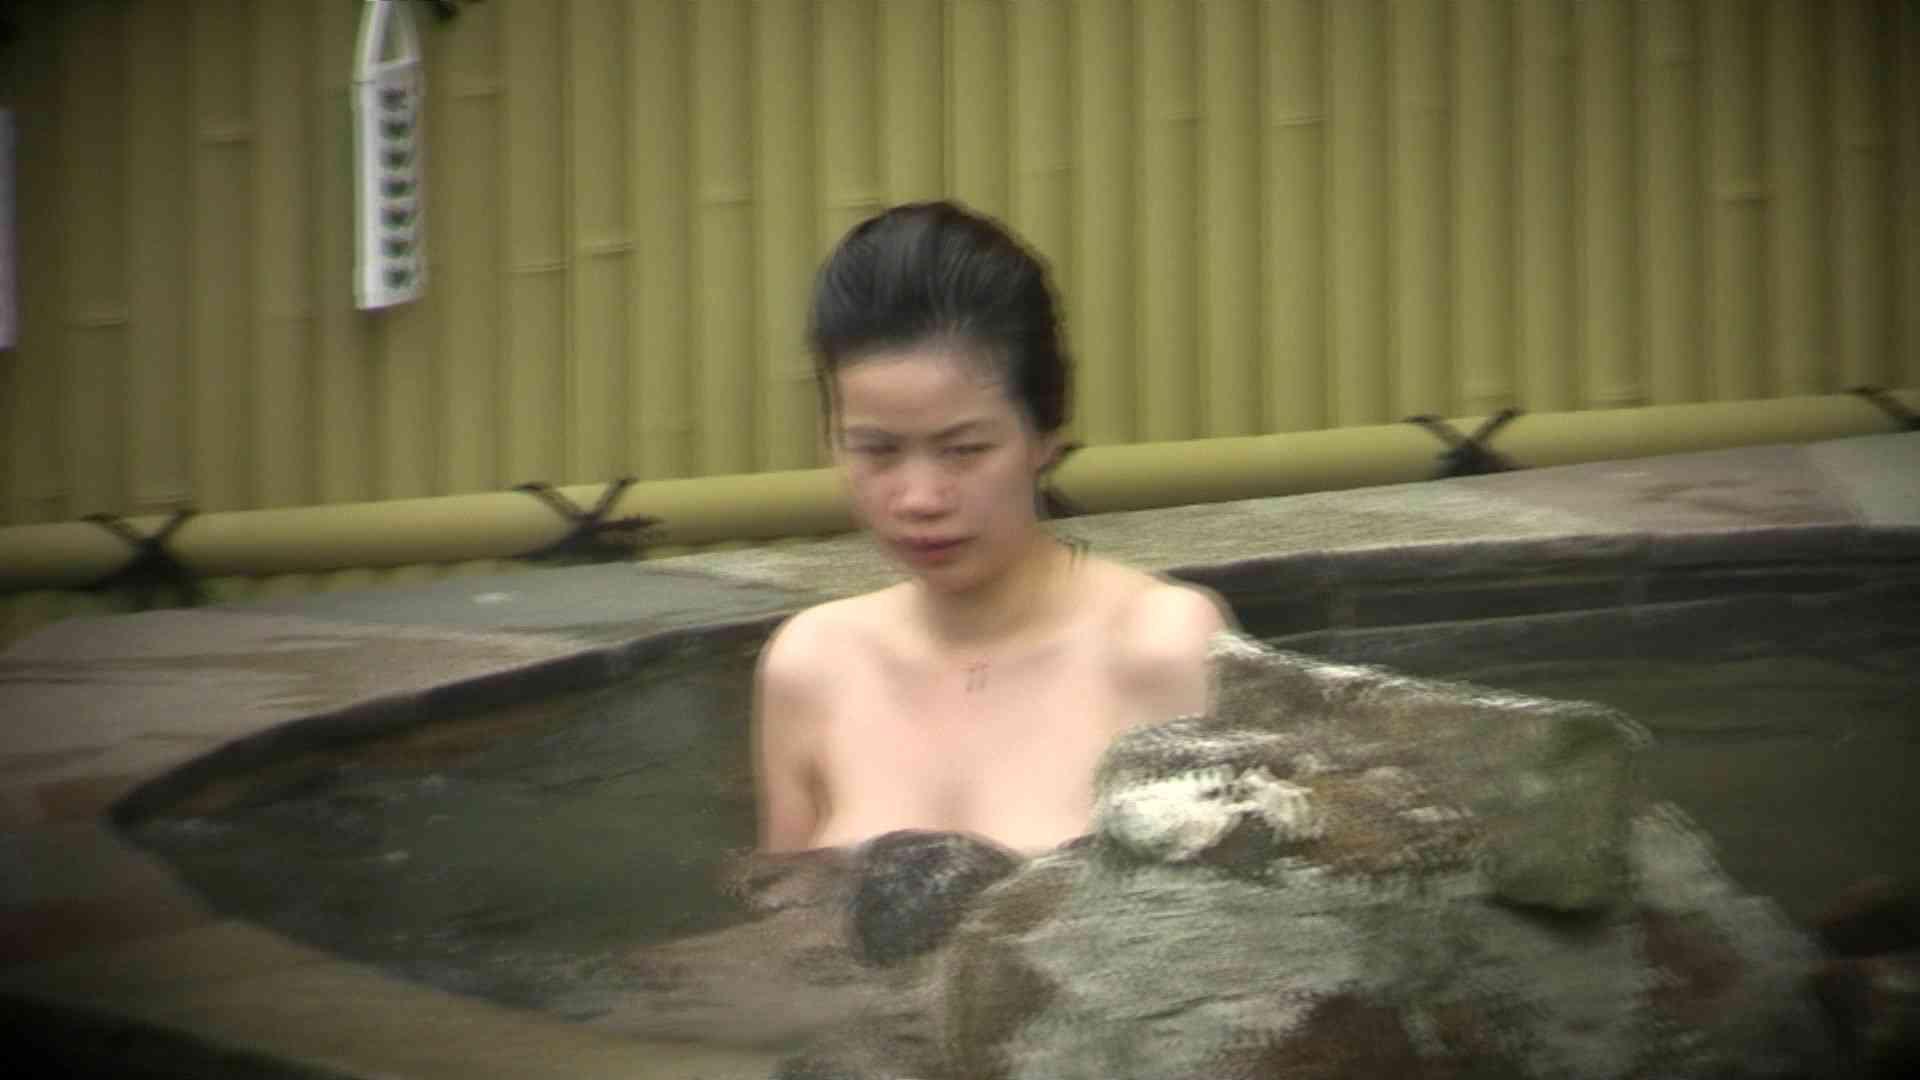 Aquaな露天風呂Vol.682 0   0  78pic 3